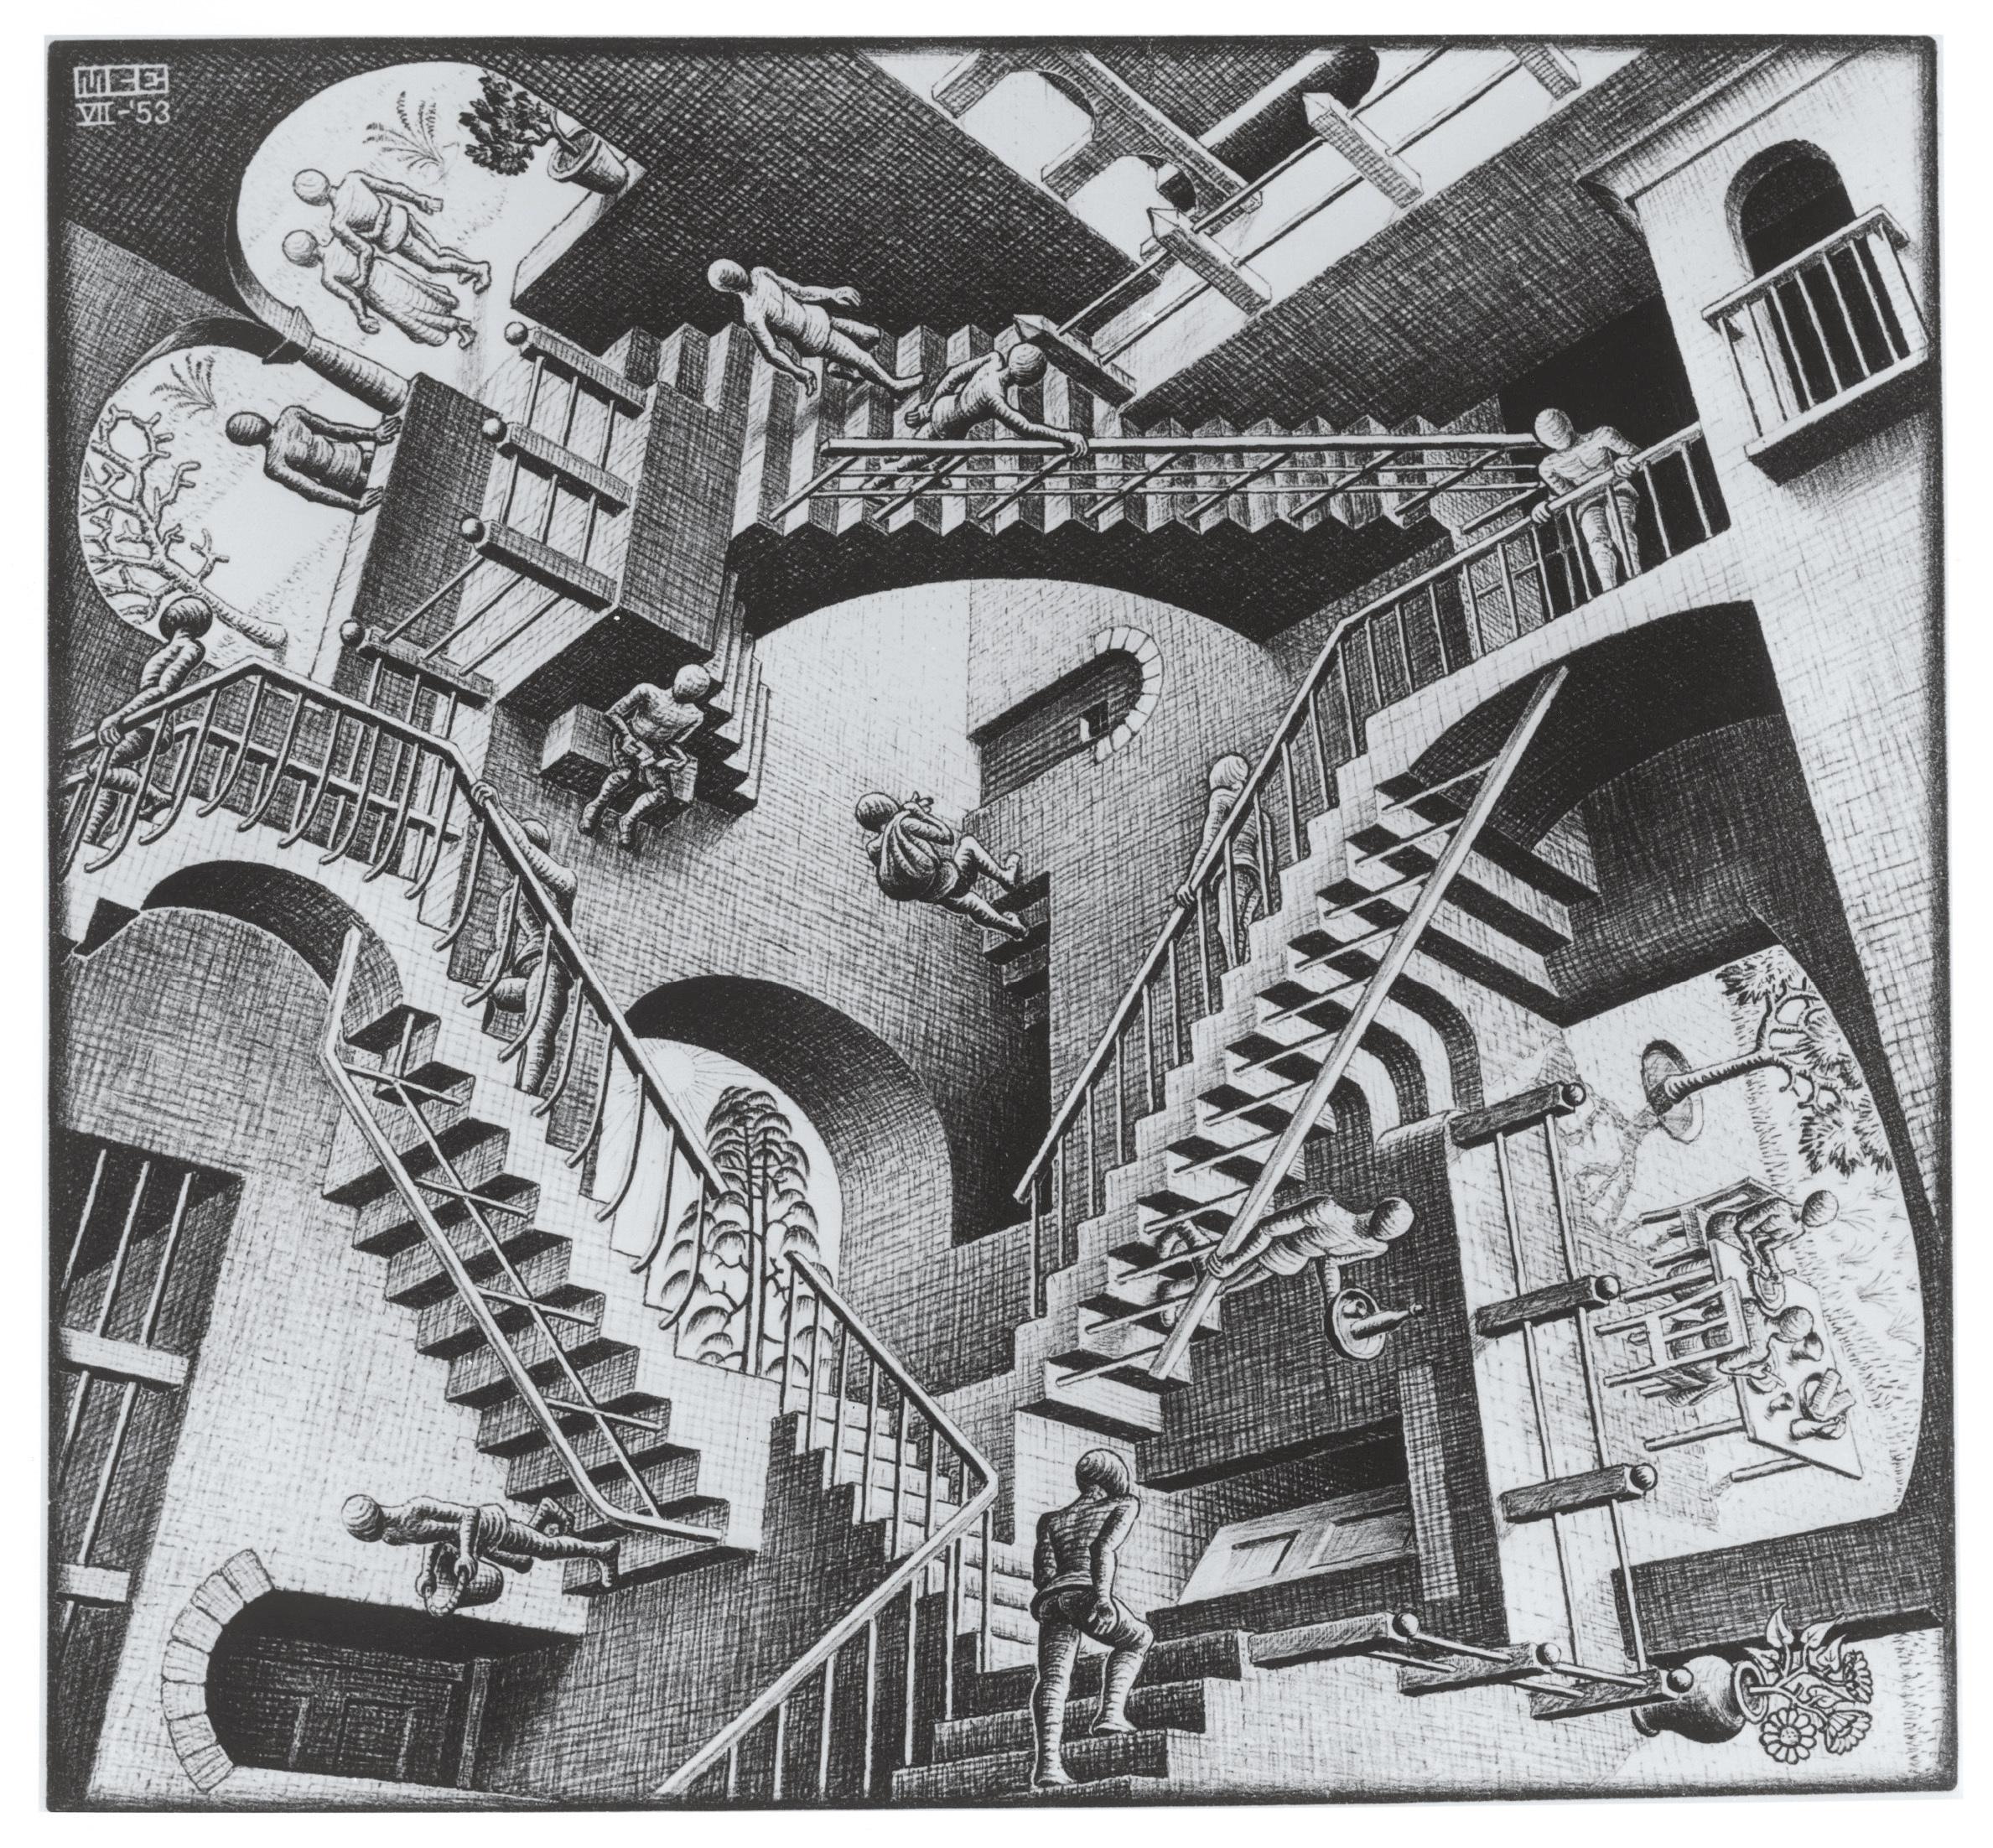 《相対性》 1953年 All M.C. Escher works (C) The M.C. Escher Company, The Netherlands. All rights reserved. www.mcescher.com